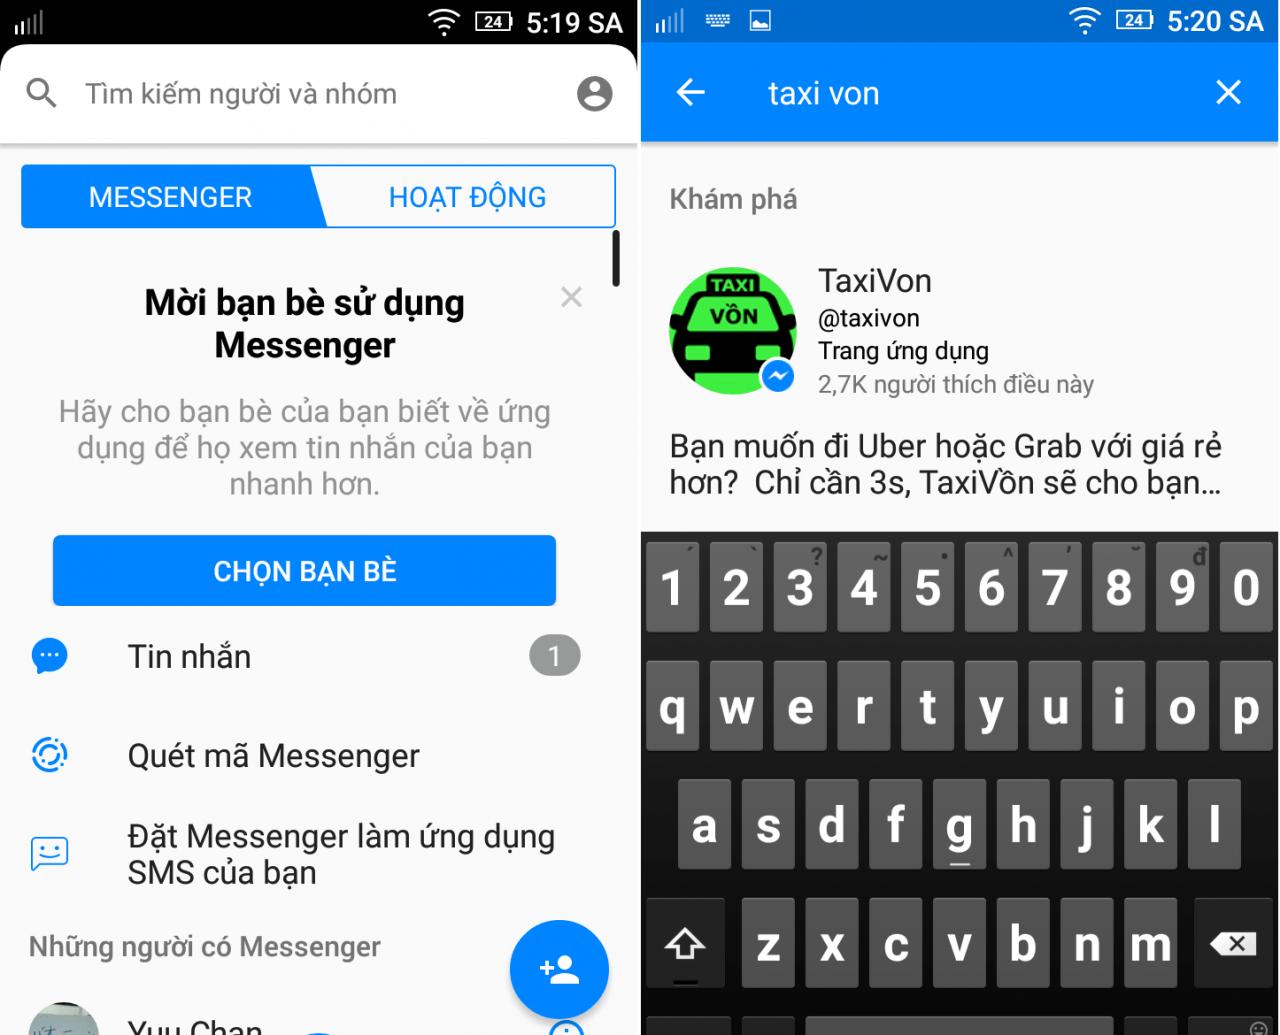 Hình ảnh xF3uZhl của Cách lấy mọi thông tin, mã giảm giá Grab và Uber trong Messenger tại HieuMobile